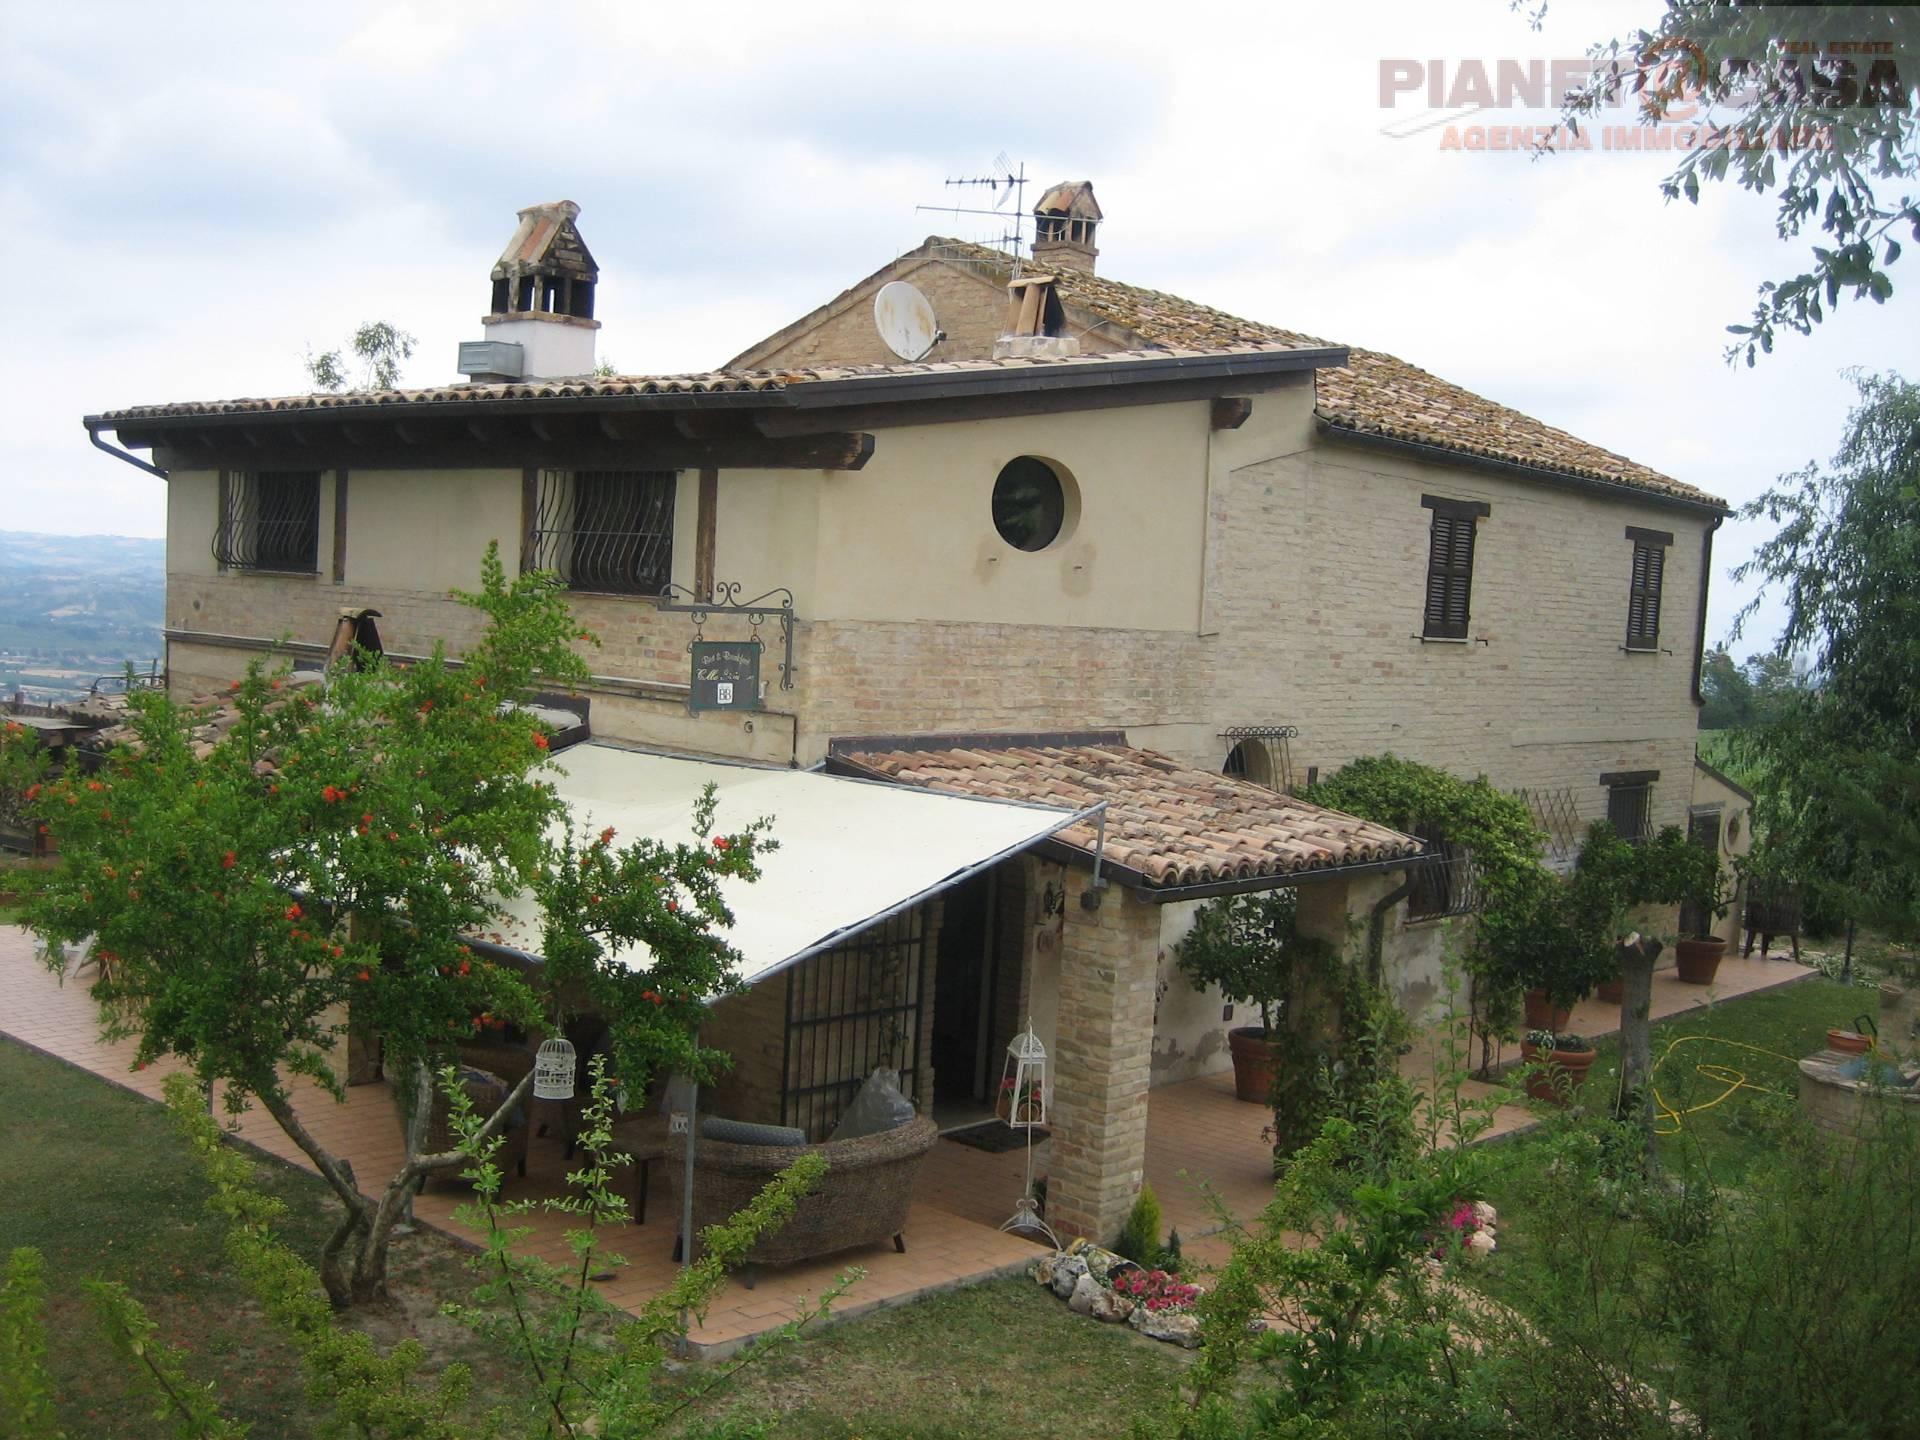 Rustico / Casale in vendita a Ancarano, 9 locali, prezzo € 380.000 | CambioCasa.it